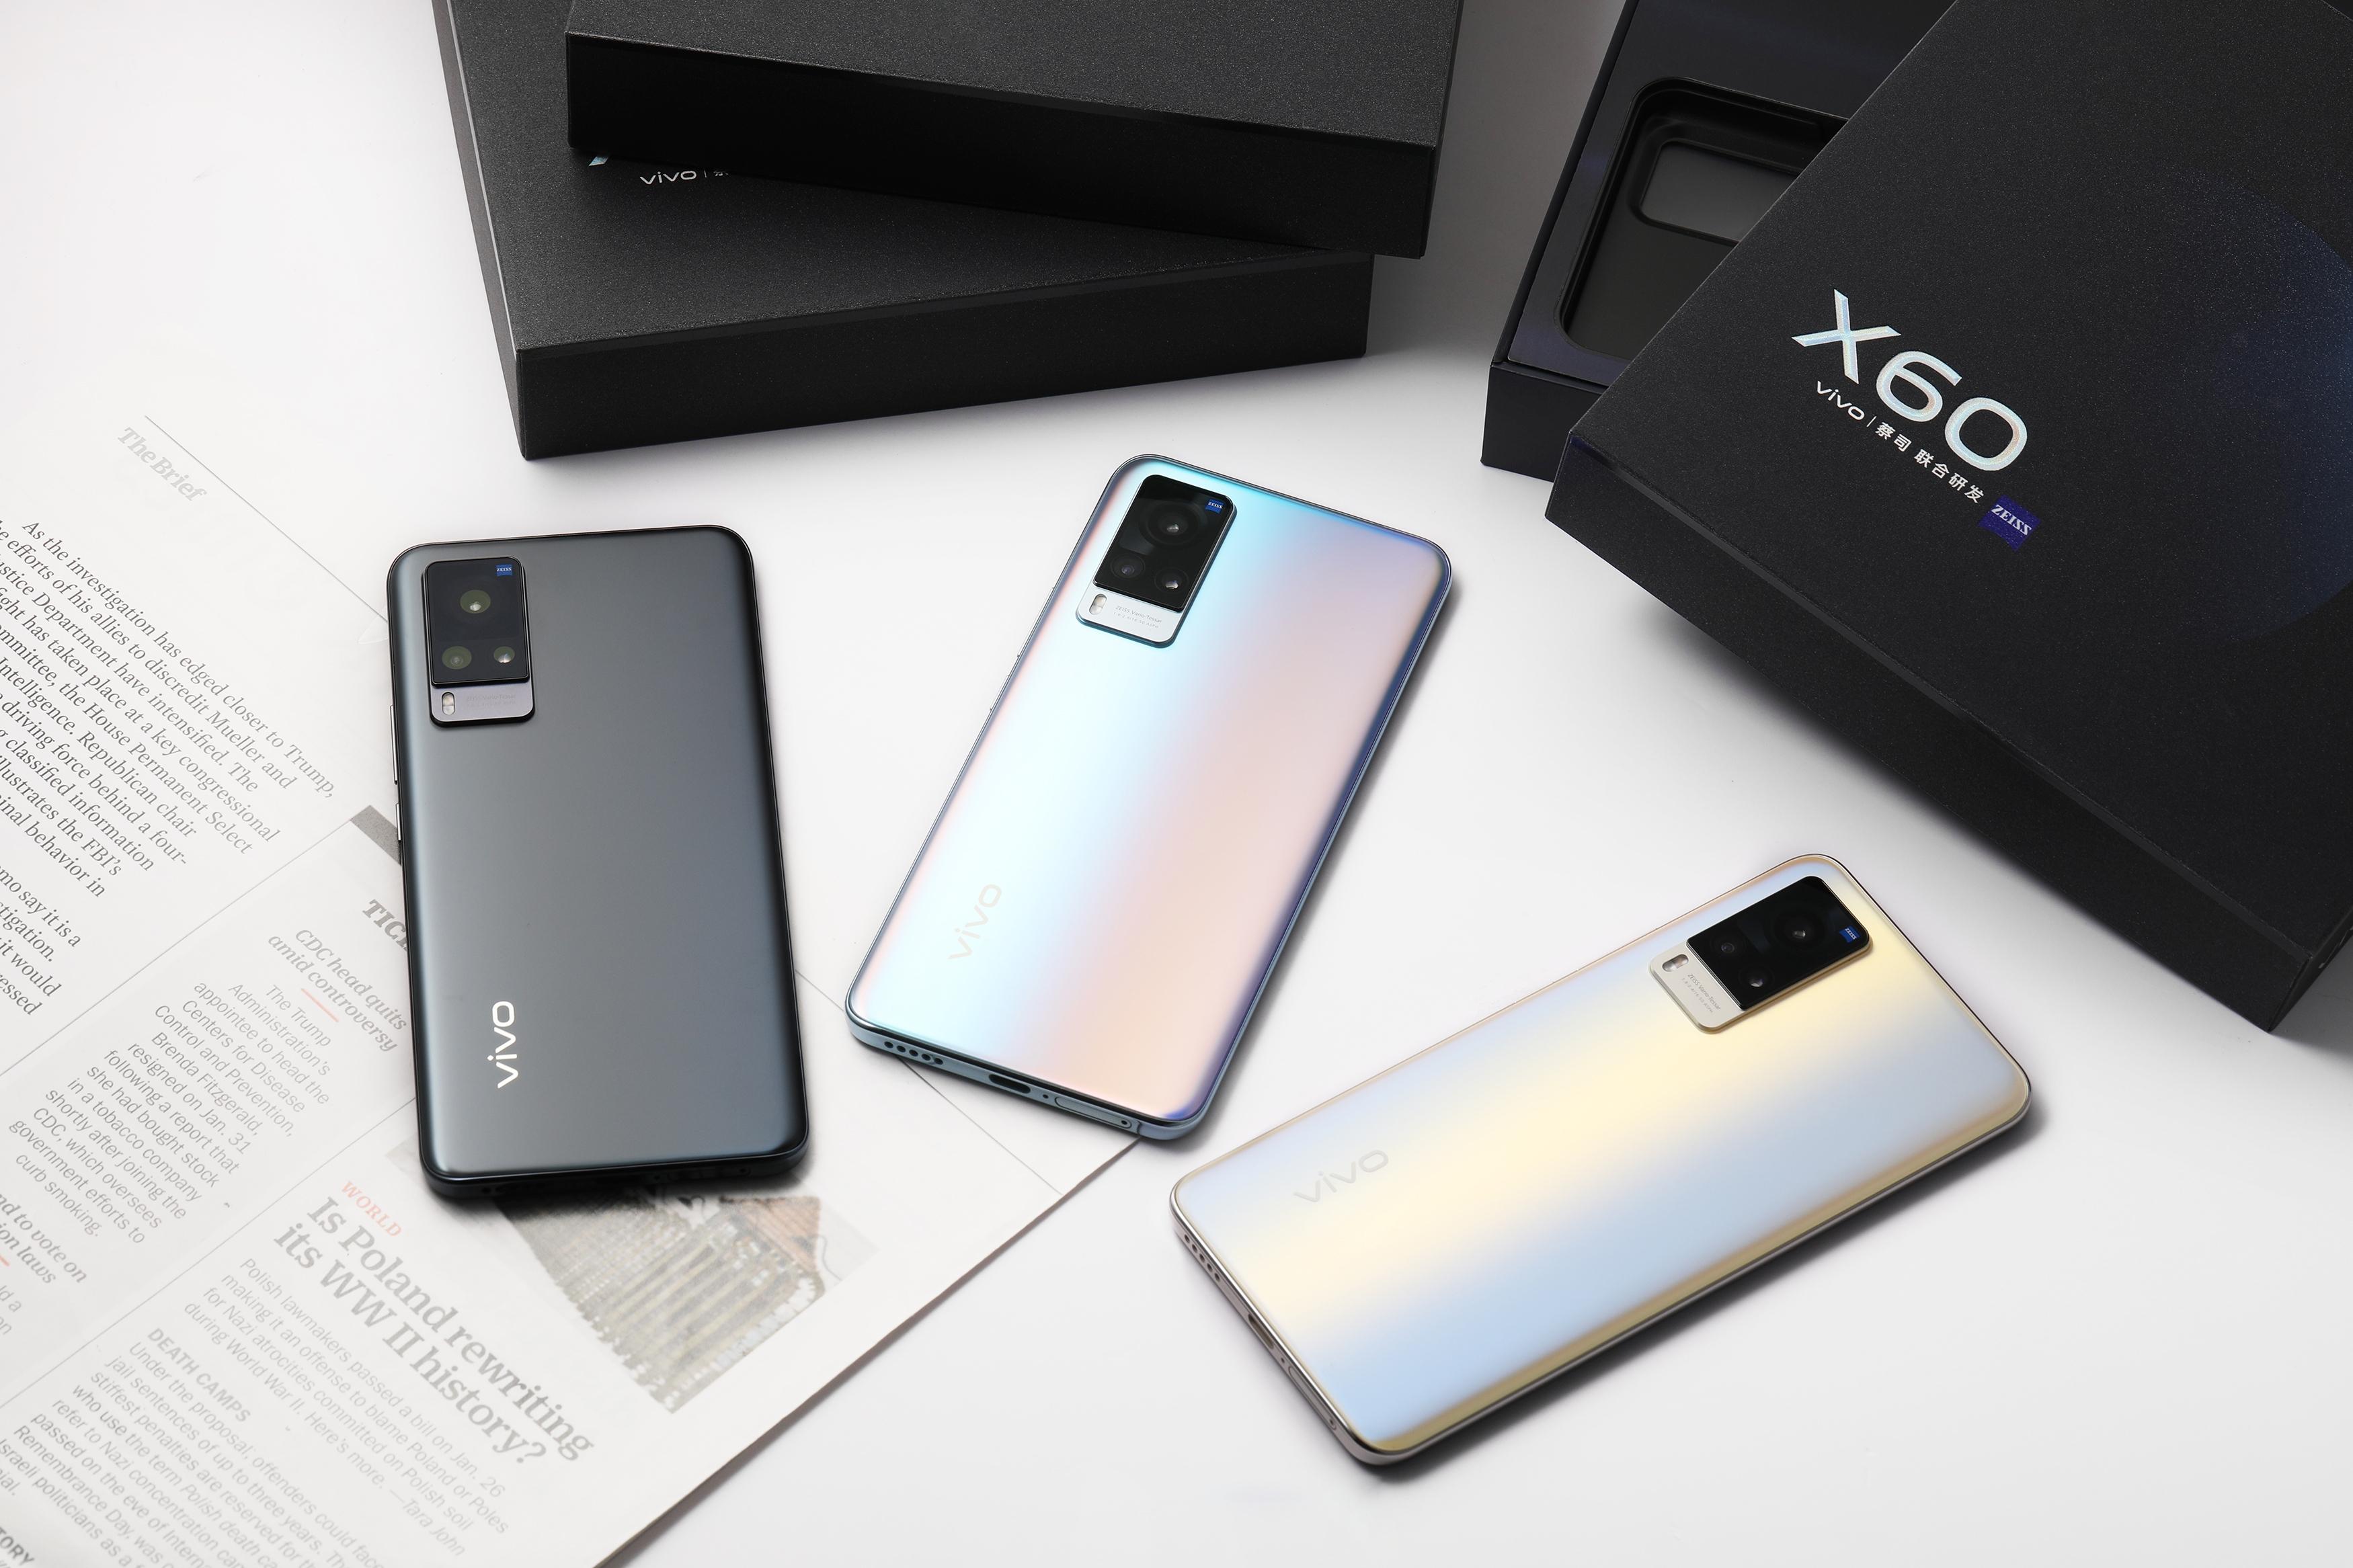 Глобальная презентация Vivo X60 и Vivo X60 Pro состоится 22 марта: смартфоны будут работать на чипе Snapdragon 870